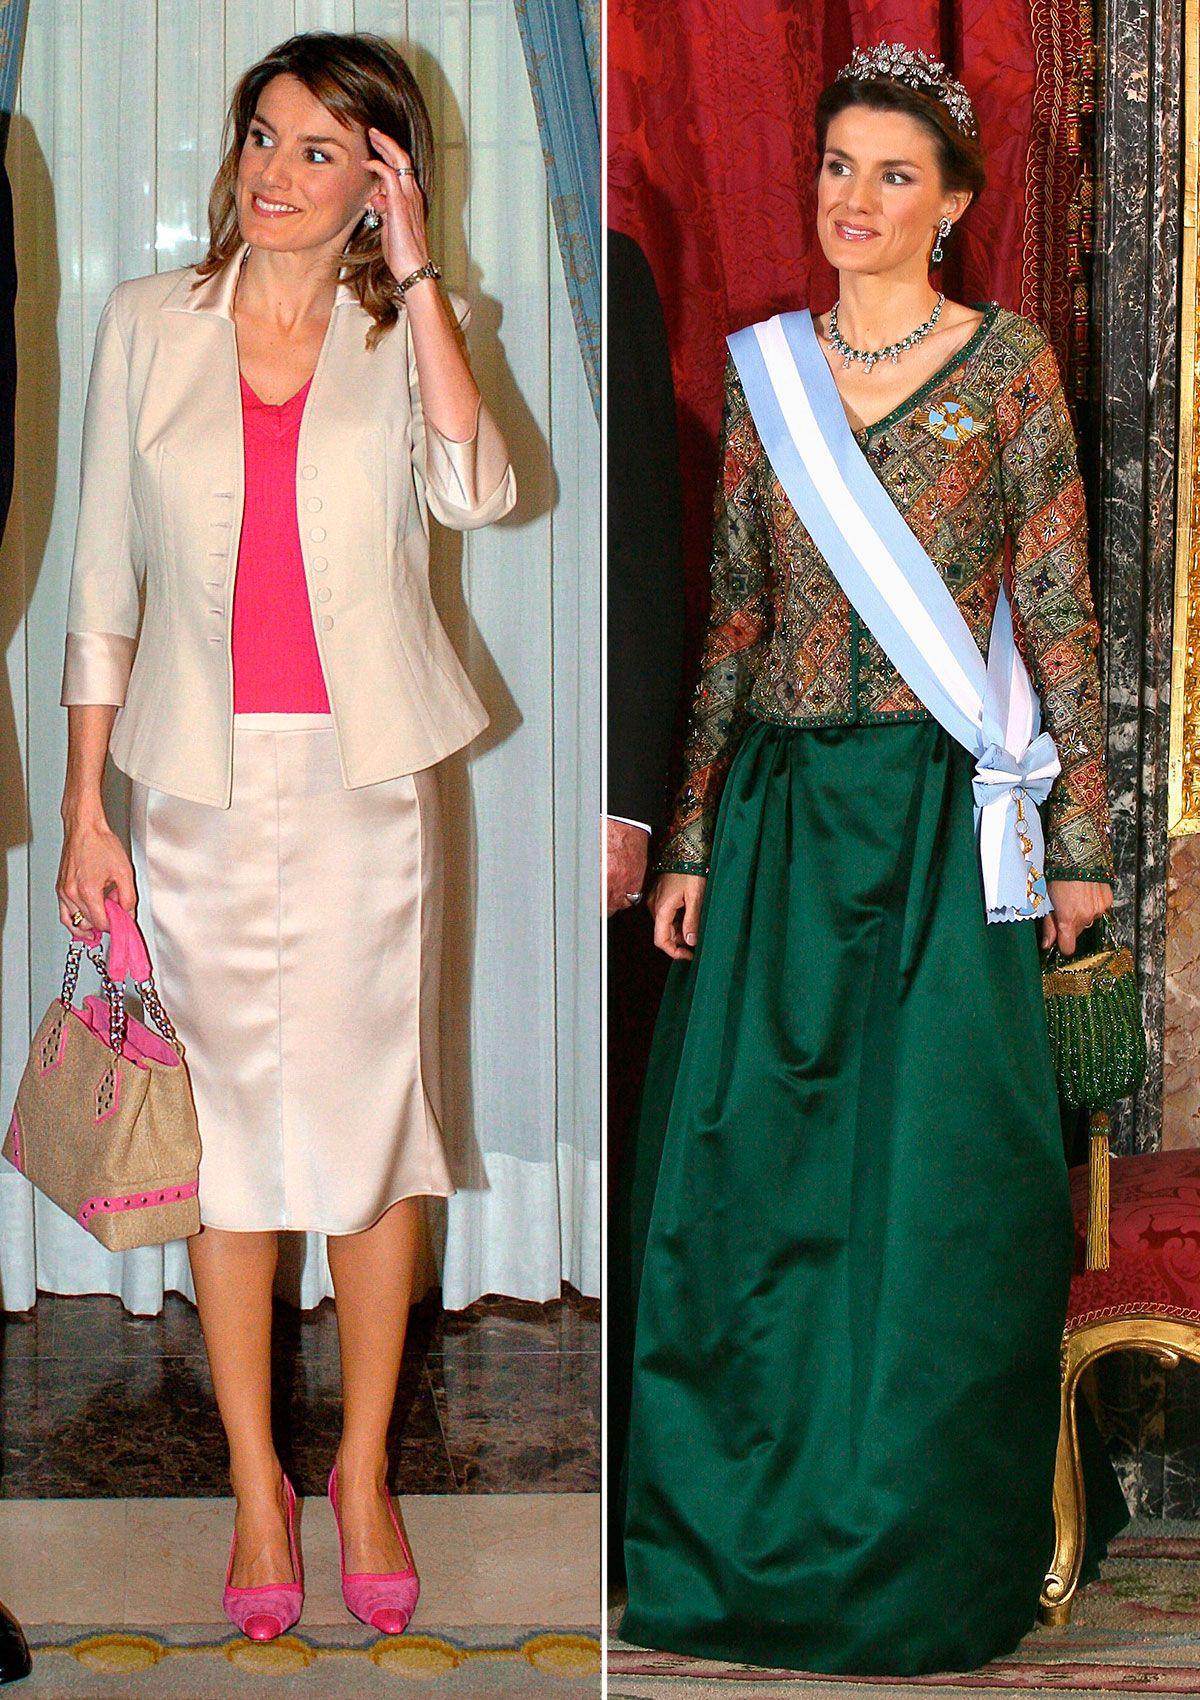 Con motivo del 15 aniversario del anuncio de su compromiso con el rey Felipe, repasamos los looks más llamativos de la reina en este tiempo.